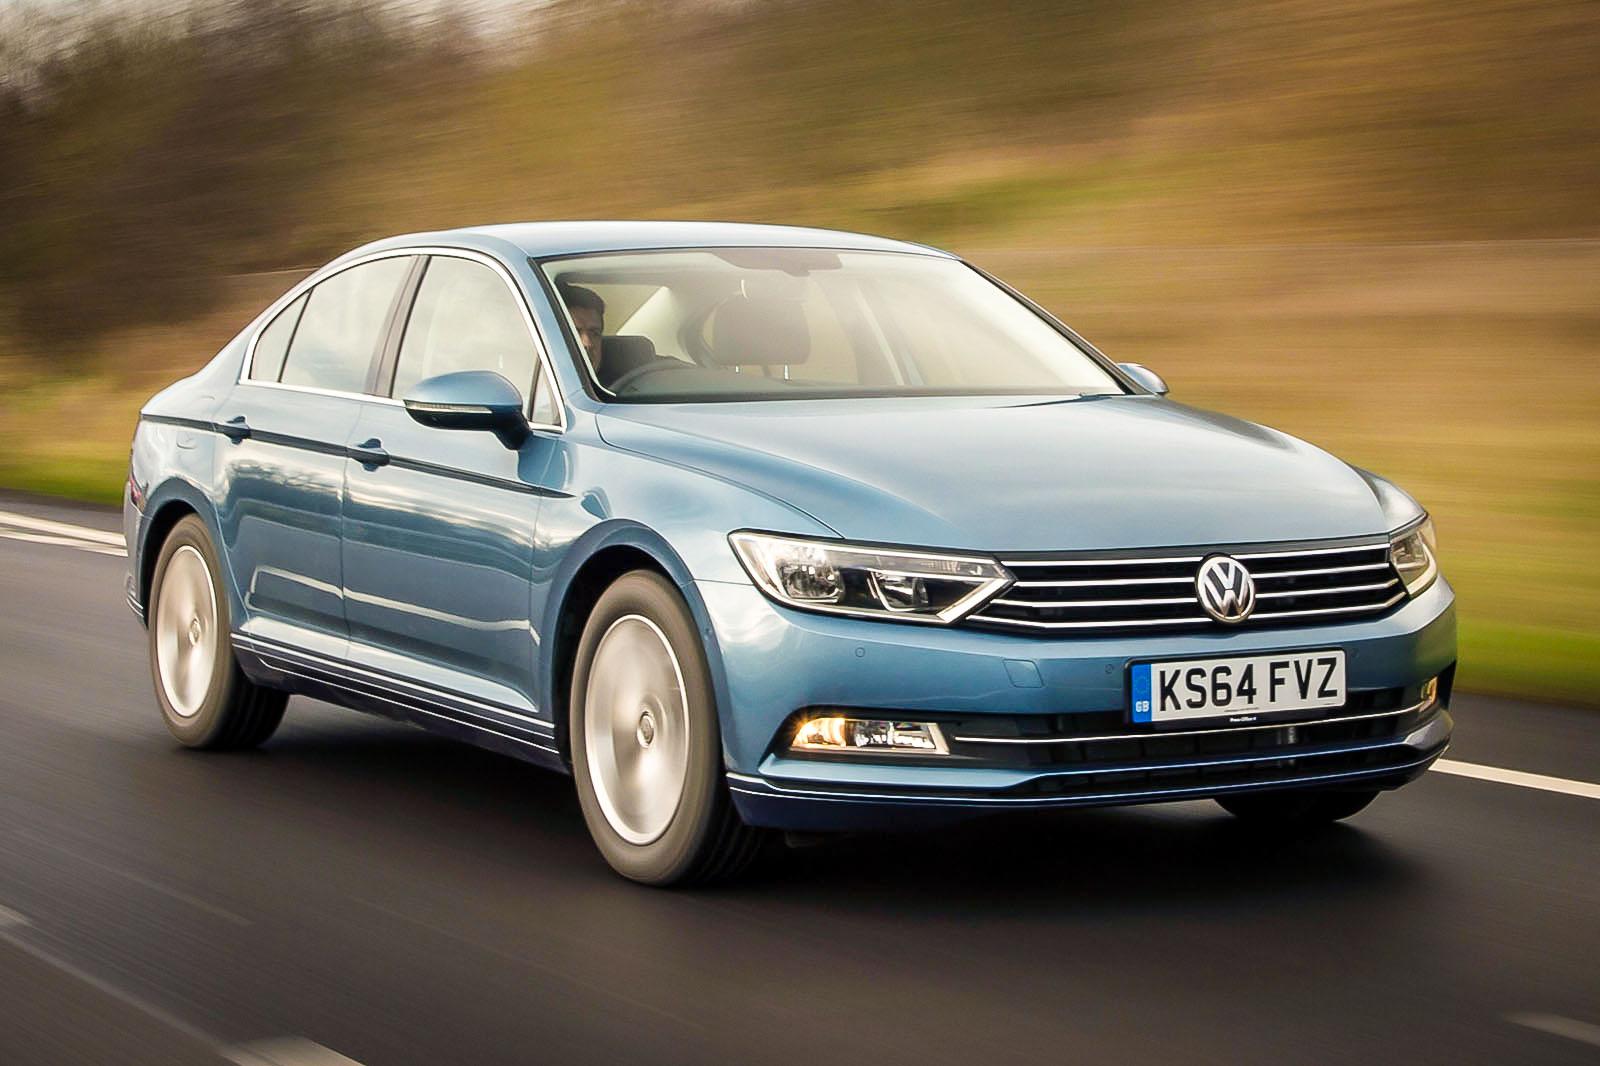 Volkswagen passat review 2017 autocar - Volkswagen Passat Review 2017 Autocar 4